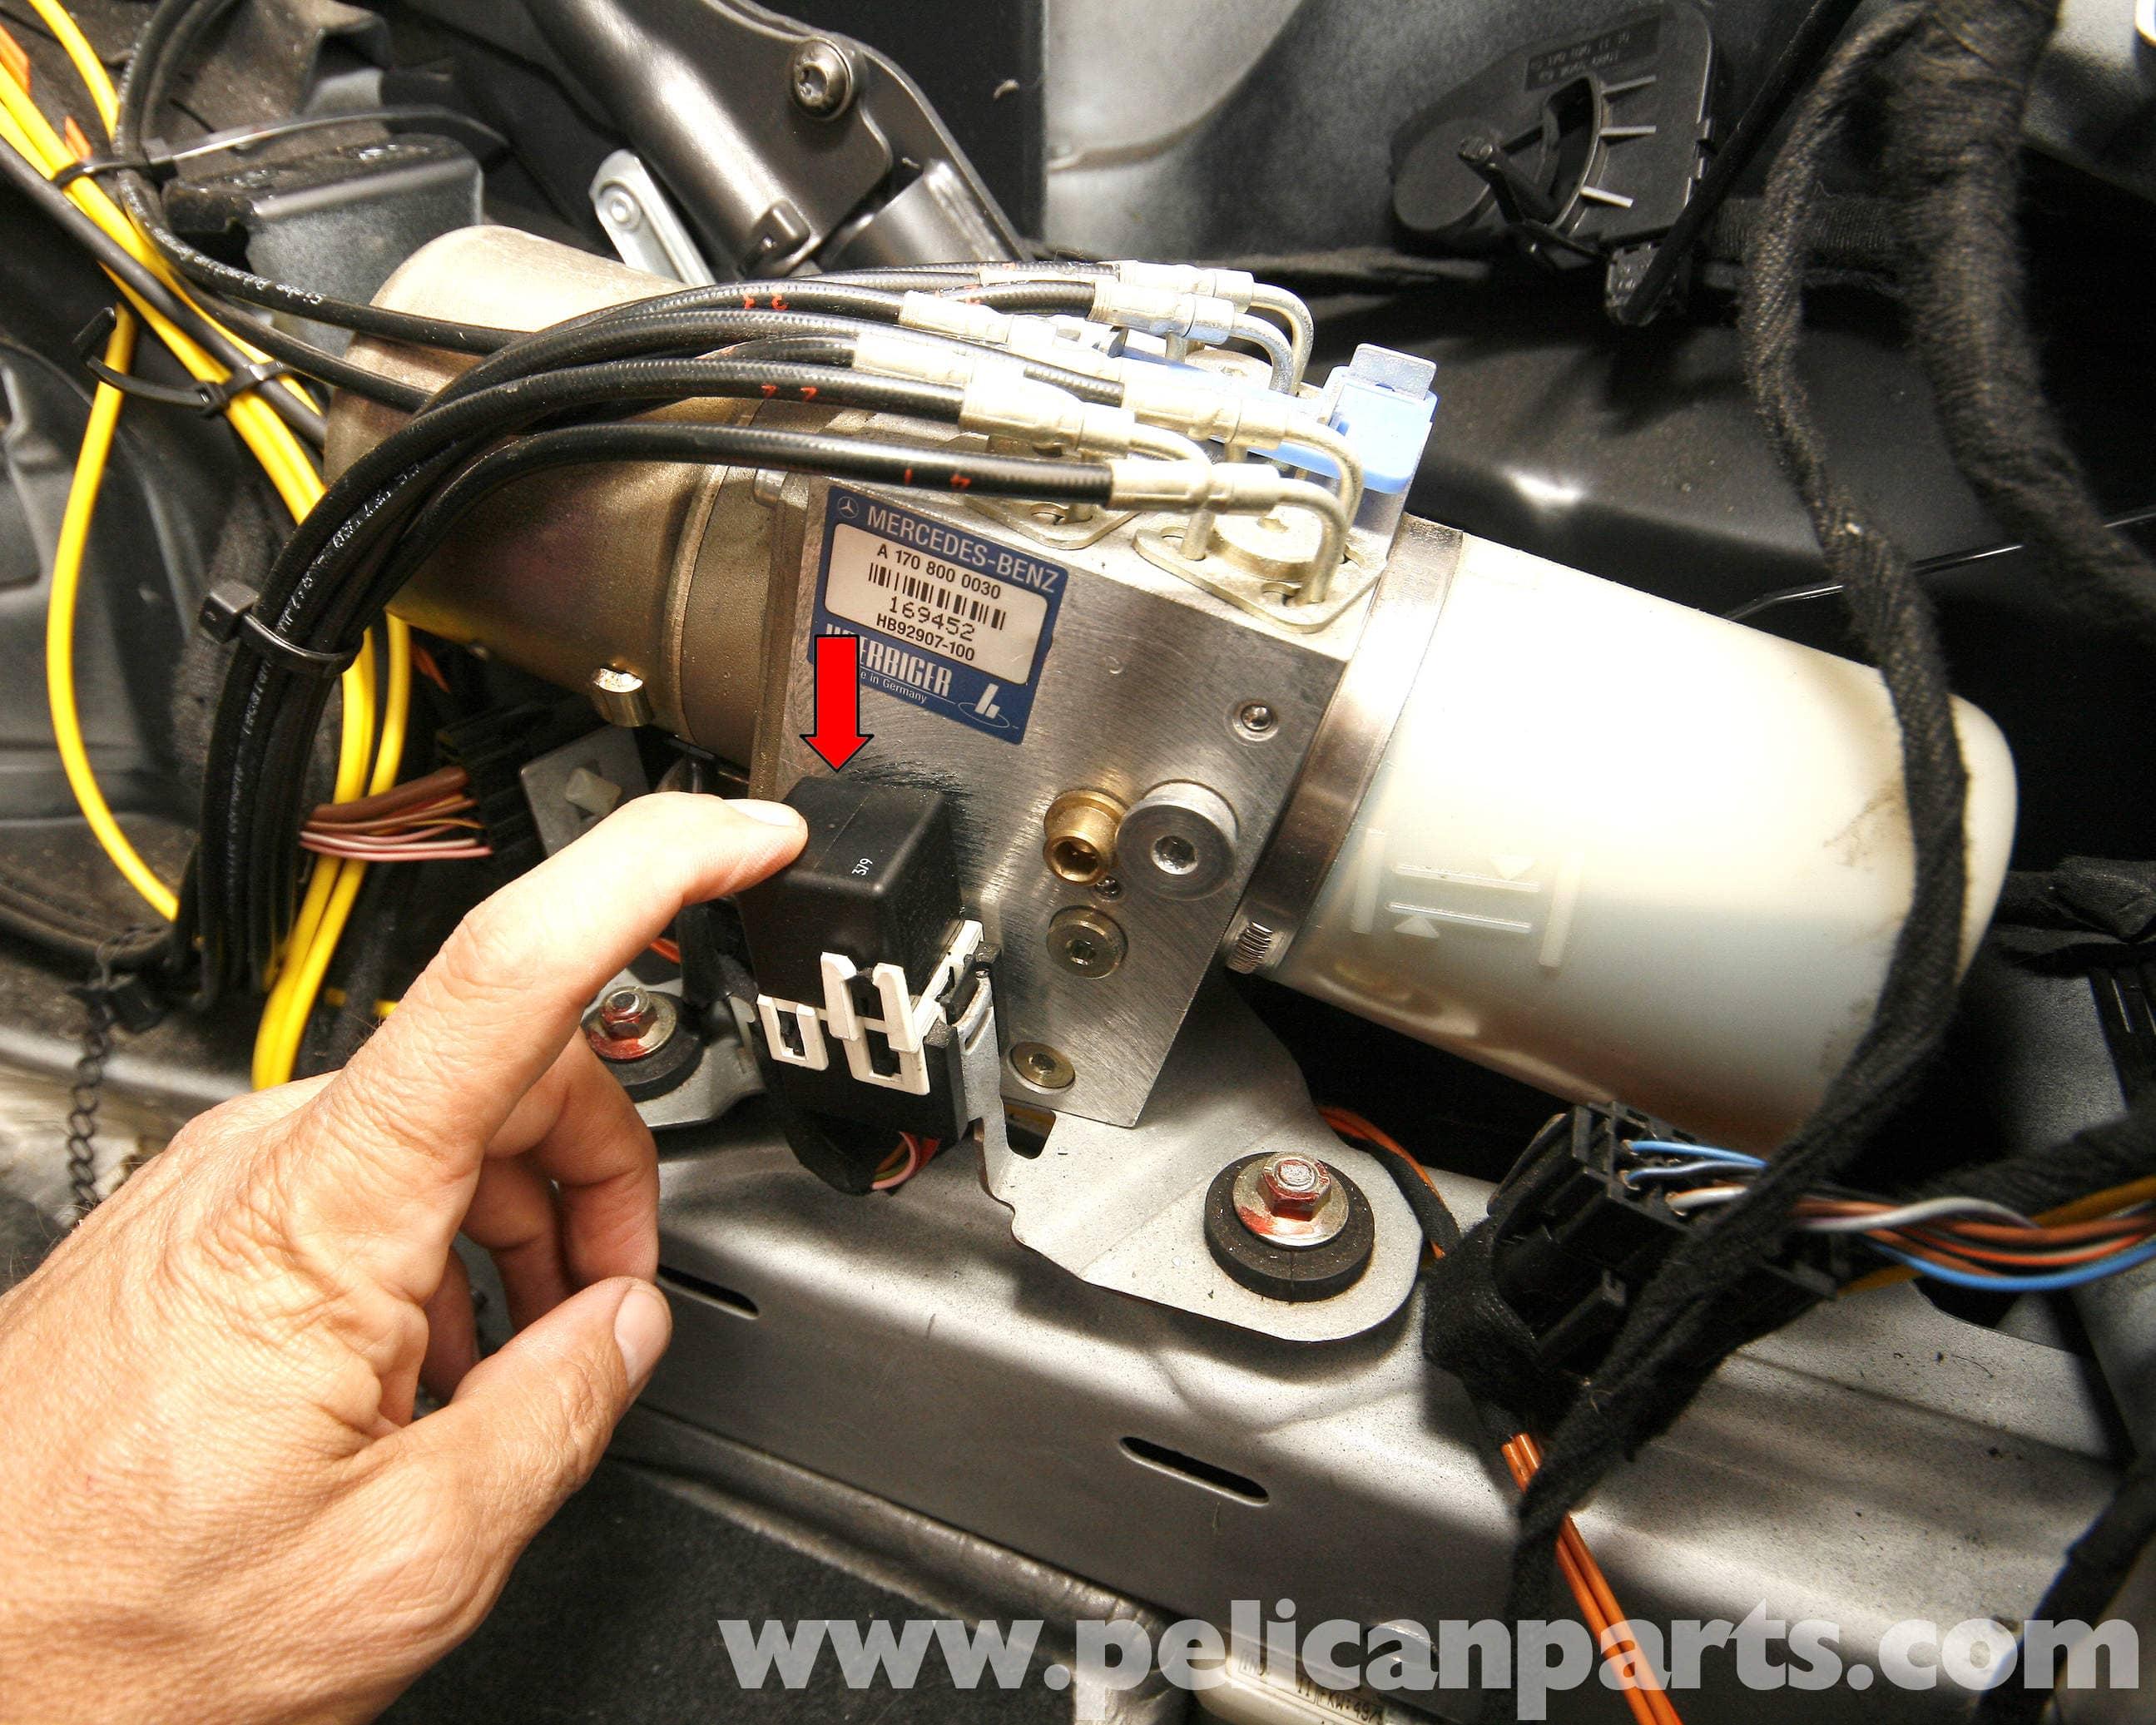 mercedes benz slk 230 wiring diagram wiring library  2014 mercedes 230 slk wiring diagram rear #7